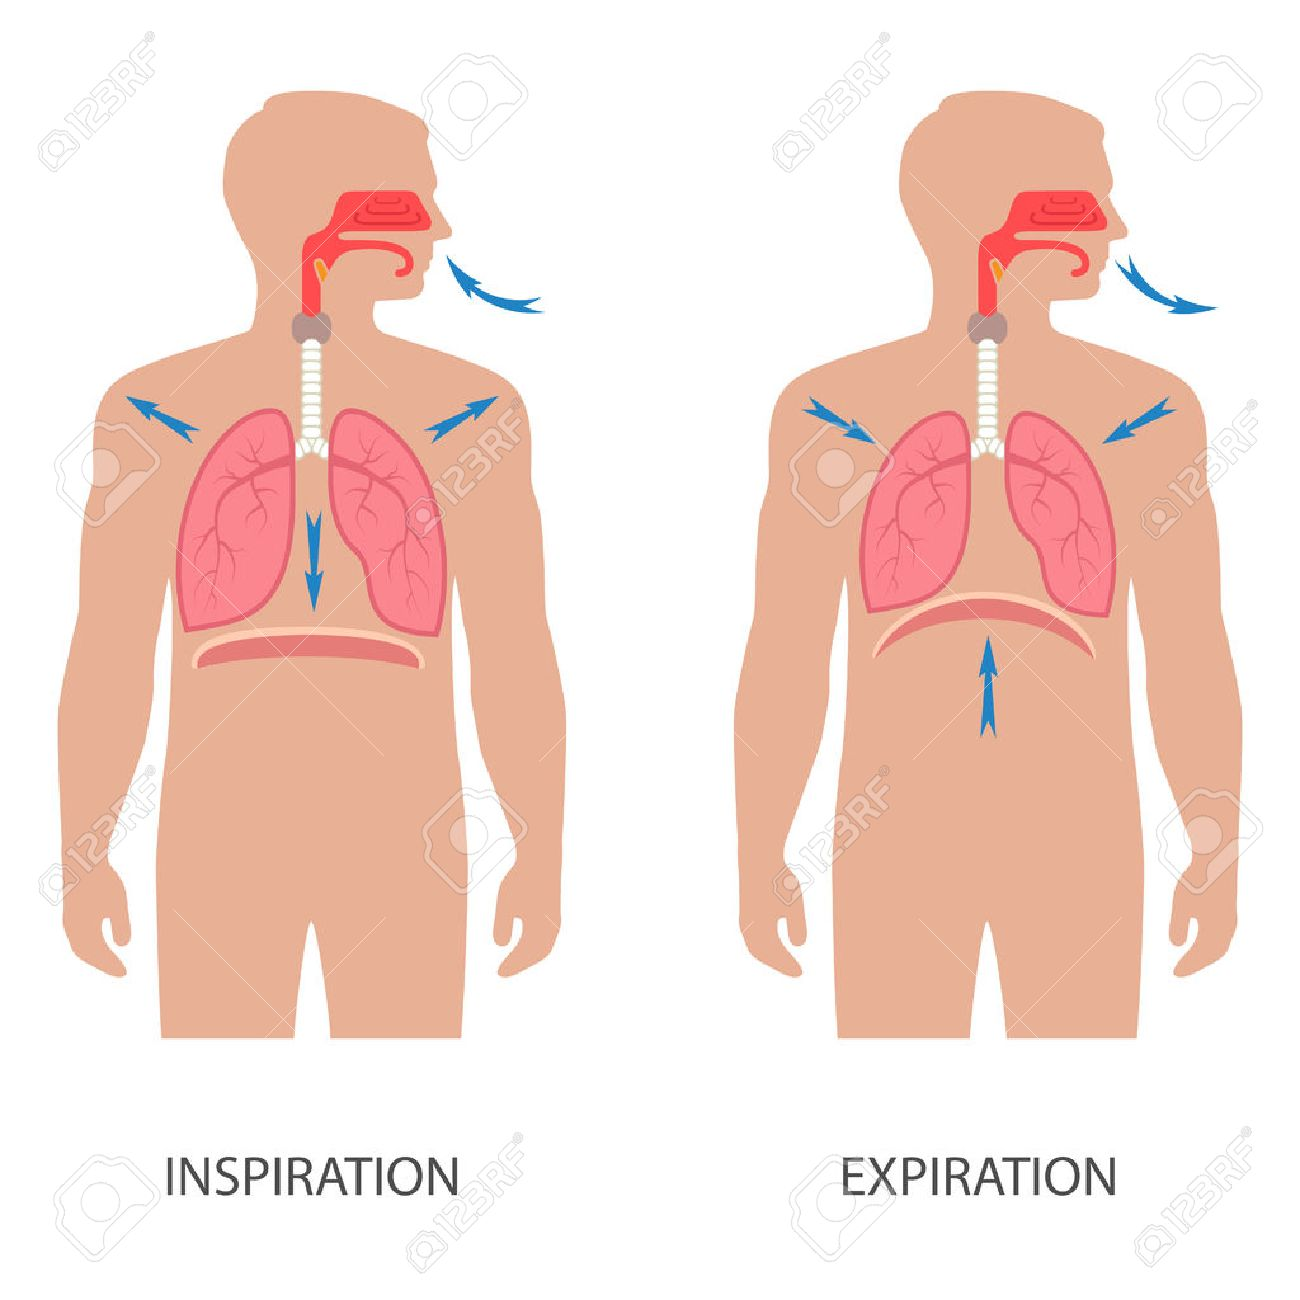 ベクトル呼吸器系の解剖学、人体の横隔膜呼吸 ロイヤリティフリー